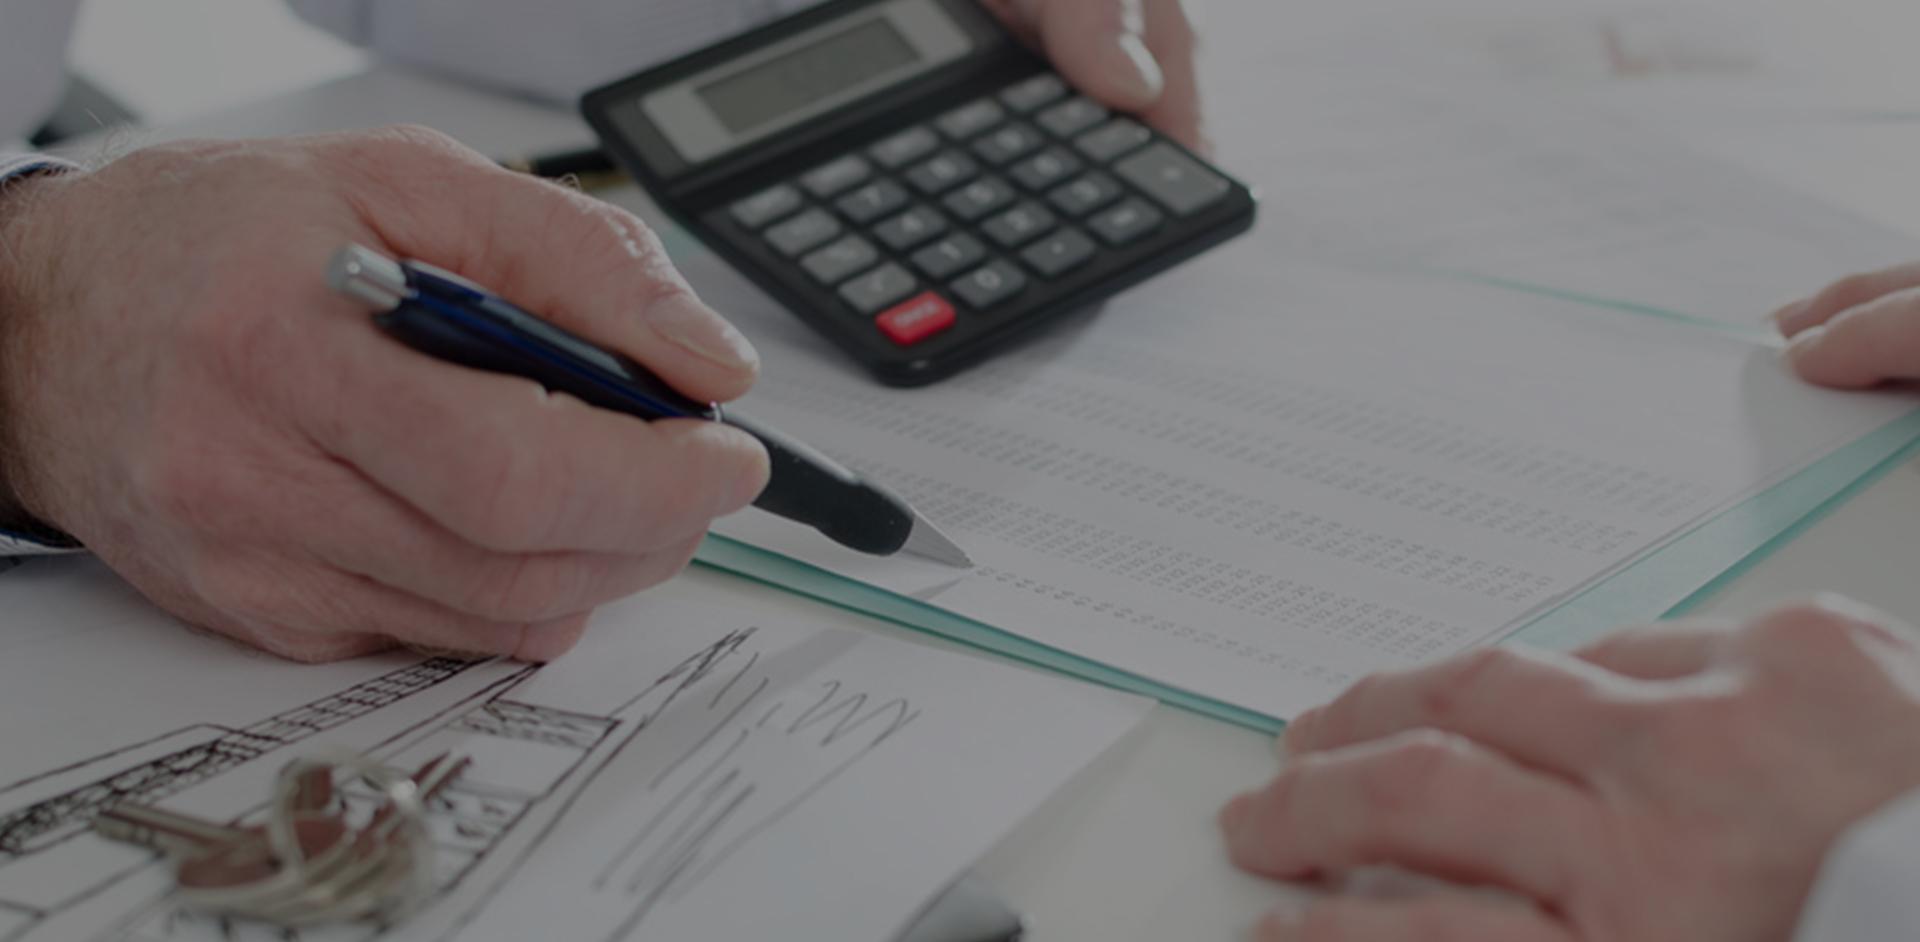 Compte Bancaire Preleve Sans Autorisation Que Faire